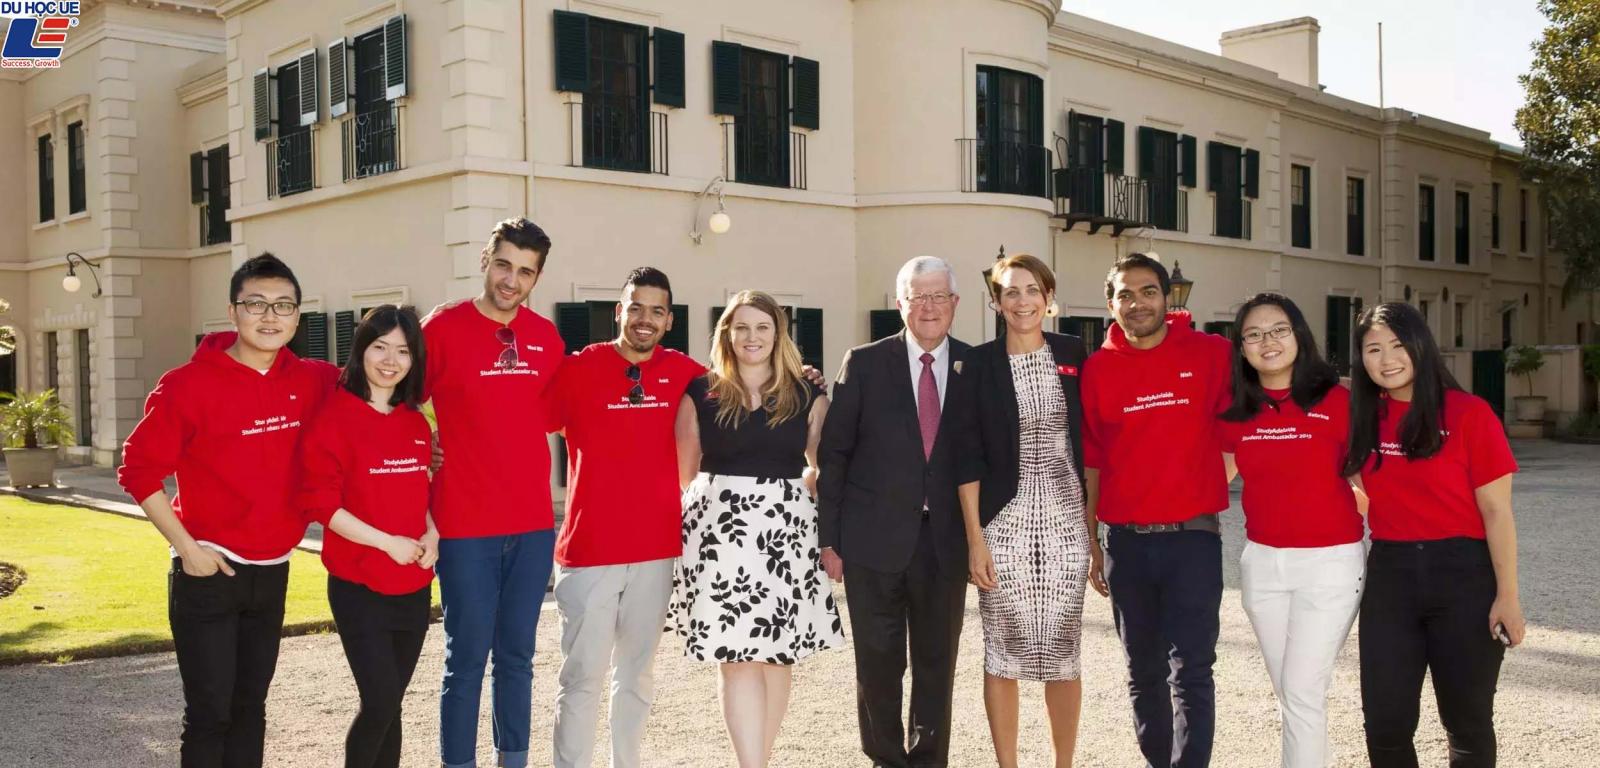 Du học Úc 2019 - Tìm hiểu trường Đại học Adelaide 2